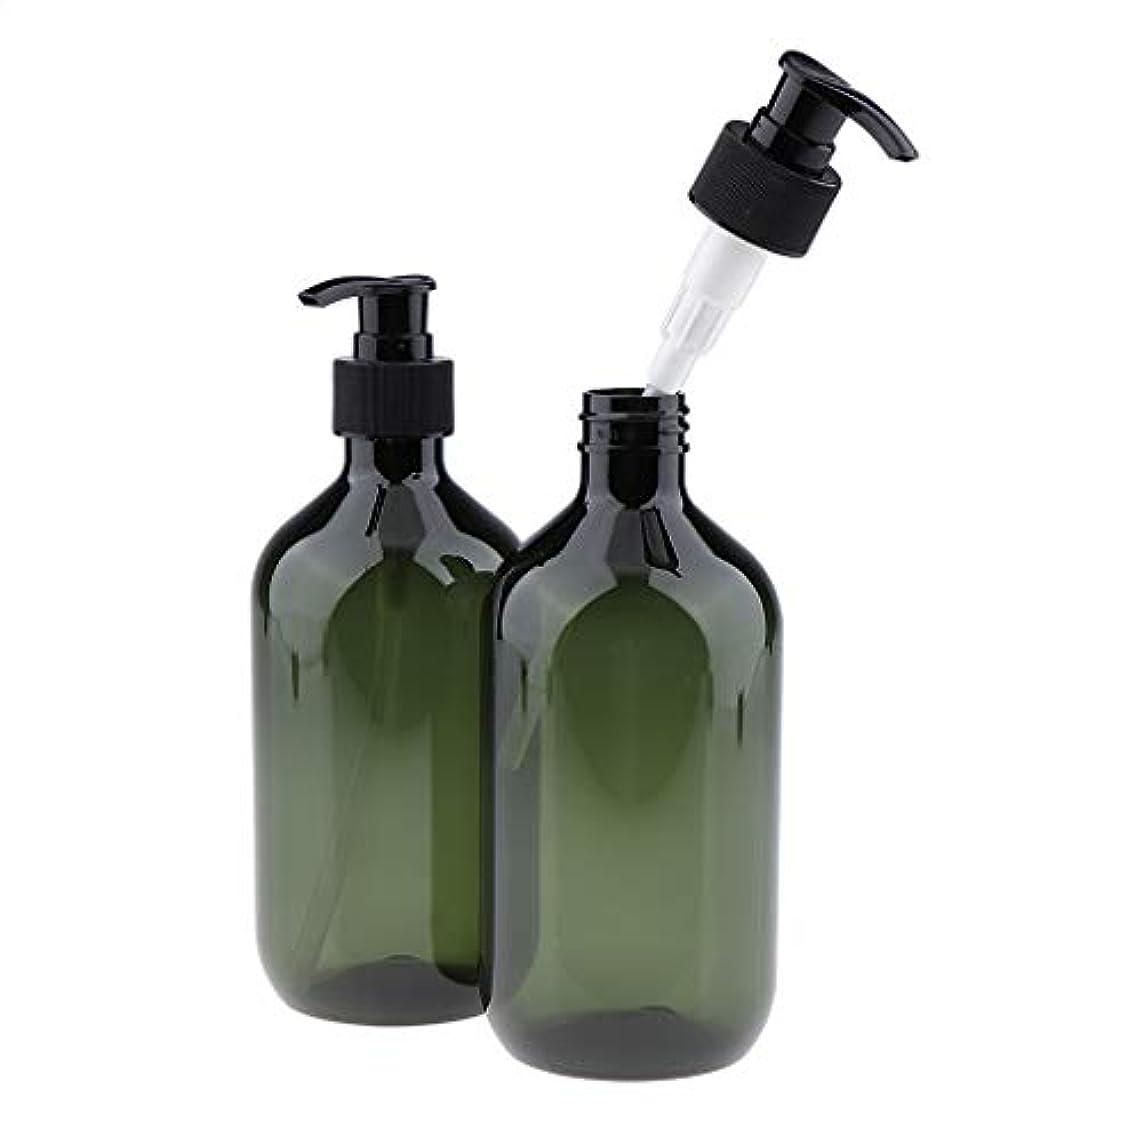 確率わな海賊2パック16オンス詰め替え空の耐久性のあるプラスチック製のシャンプー&コンディショナーポンプボトルセット - 緑